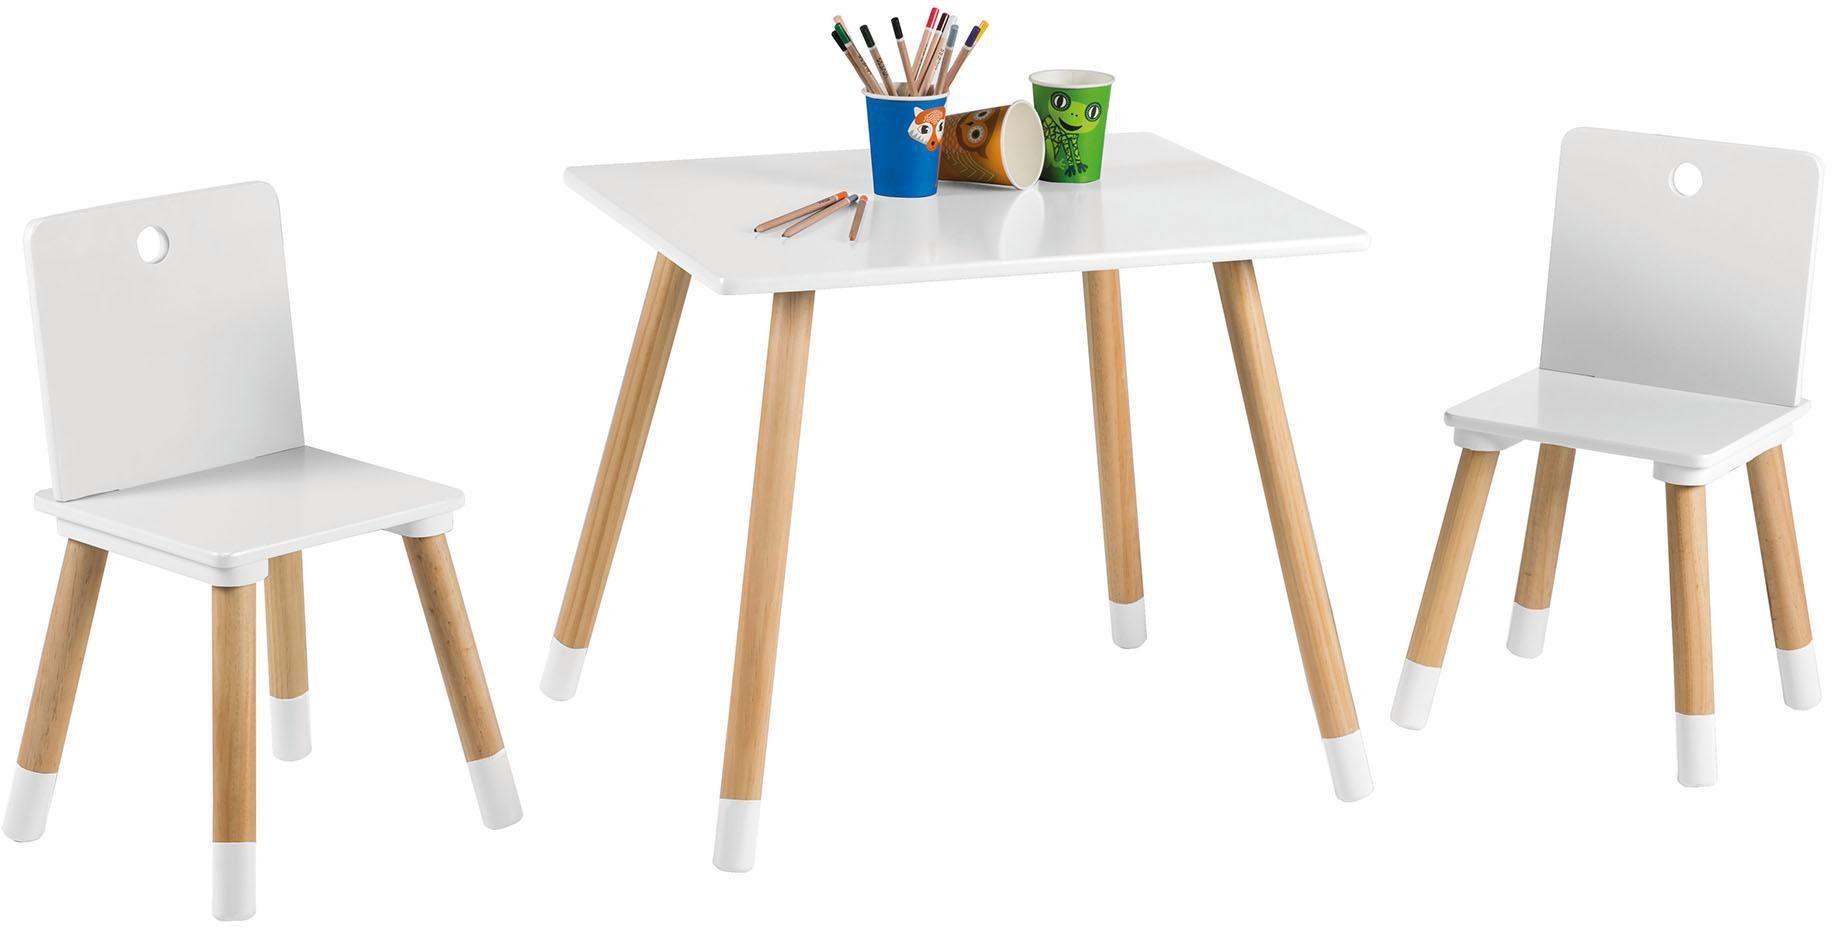 Tafel Laten Bezorgen : Roba tafel en stoelen voor kinderen kinderzithoek wit« online